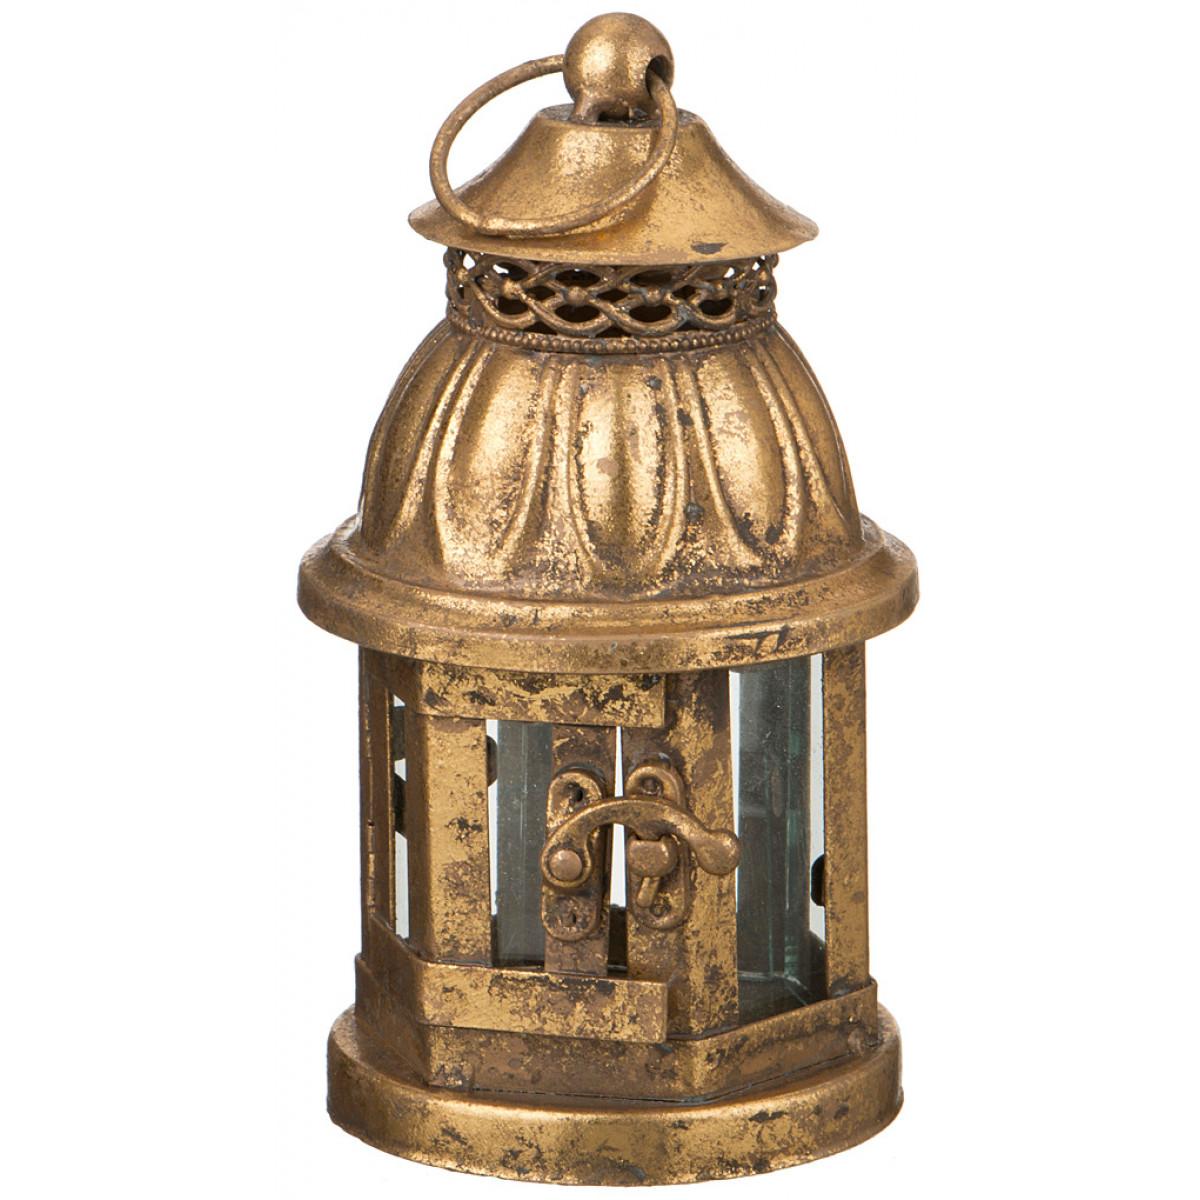 Декоративные свечи Arti-M Свеча-подсвечник Lele (10х10х20 см) arti m свеча подсвечник puilisso 15 см